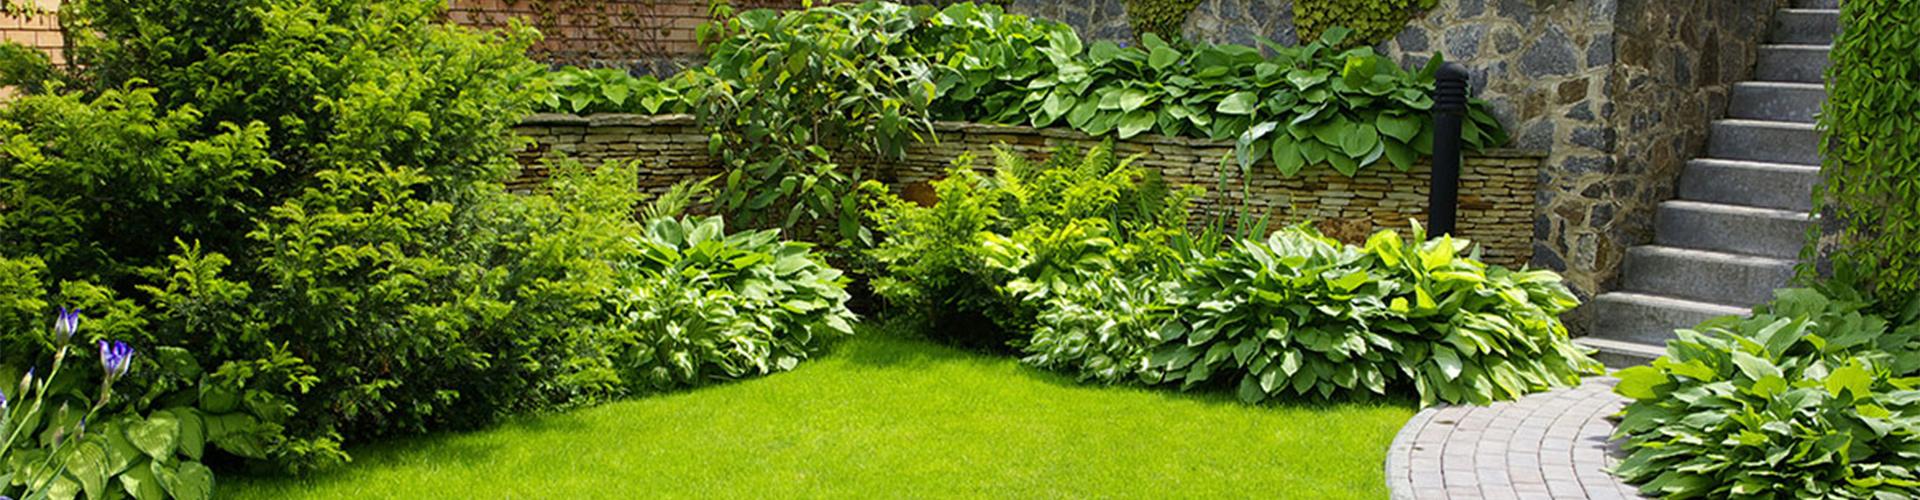 Landscaping Garden Services Biddulph & Congleton Cheshire